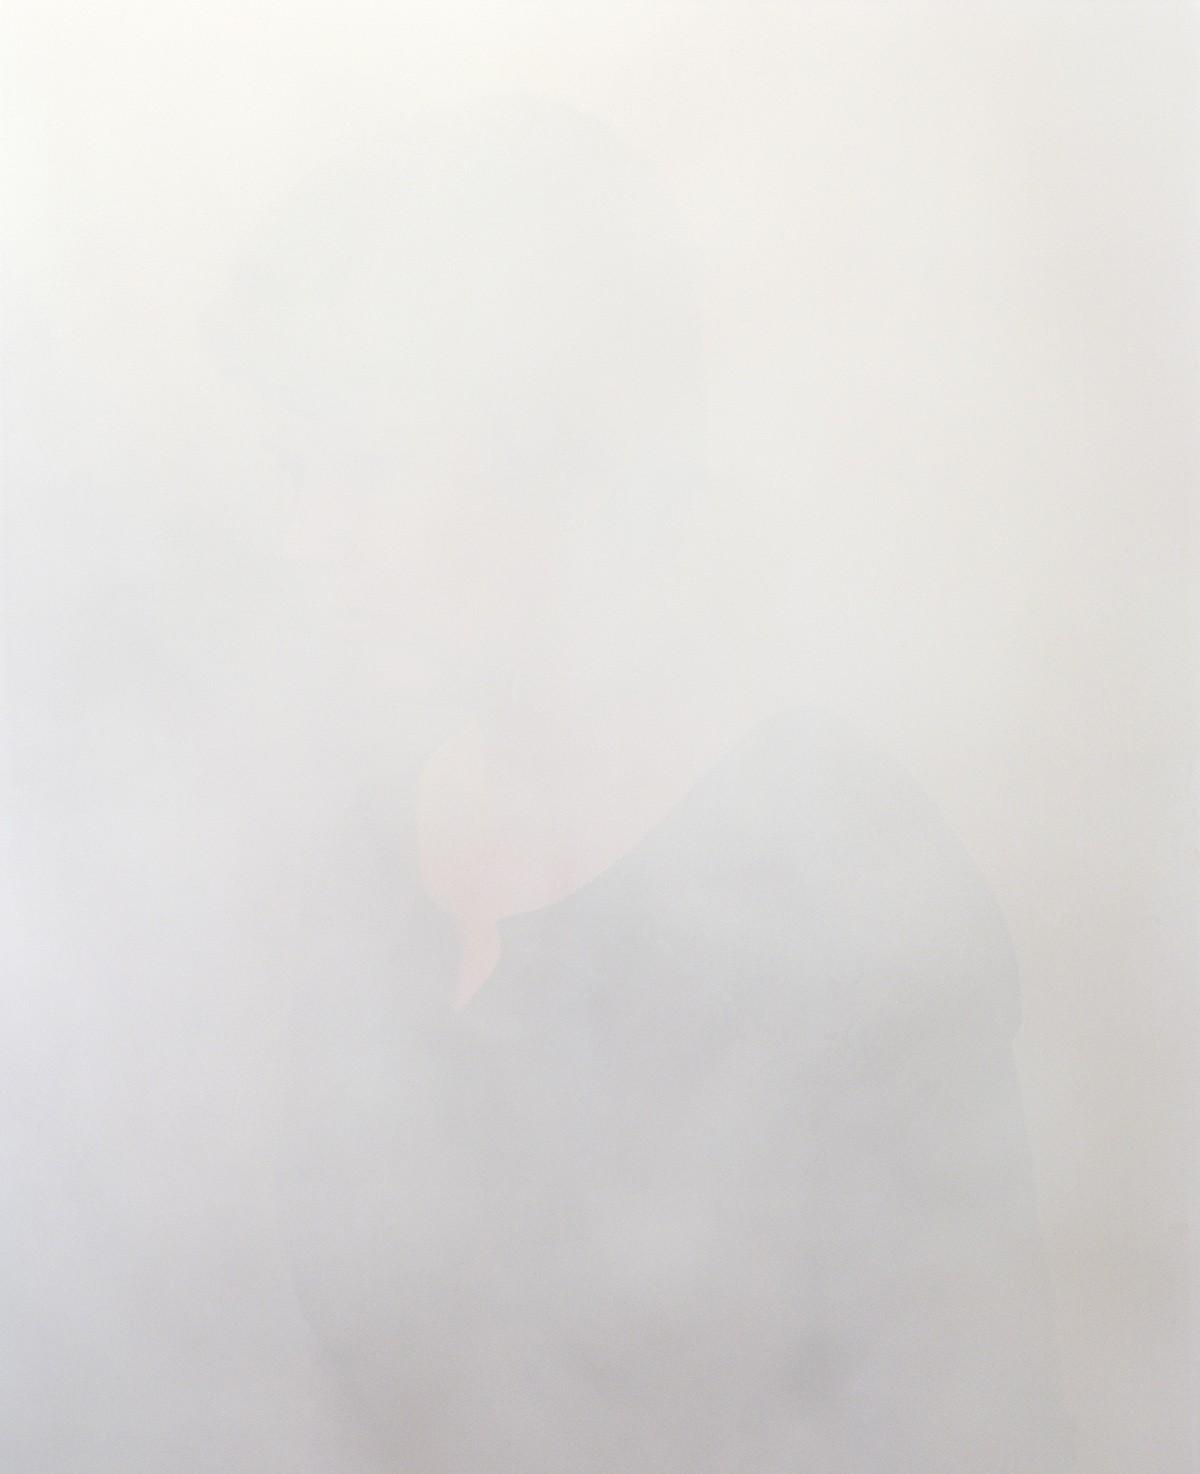 ward-roberts-cartography5-a28261006d5ee998f4fc7a8886f3d37d